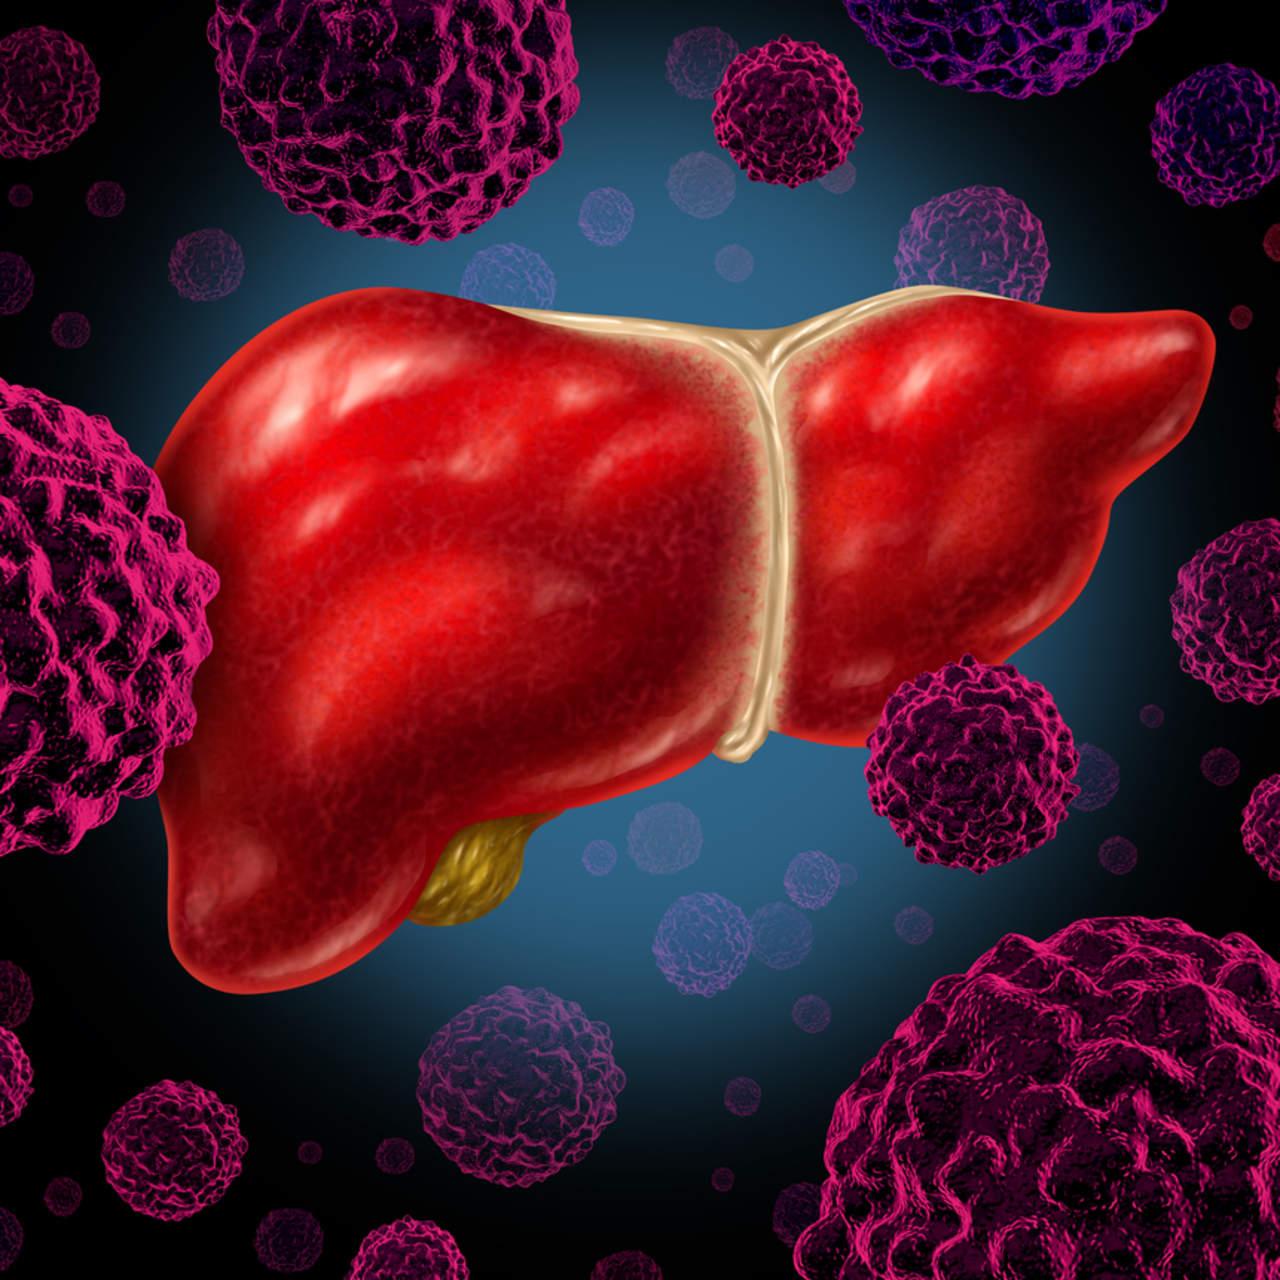 Obesidad y hepatitis aumentan incidencia de cáncer de hígado